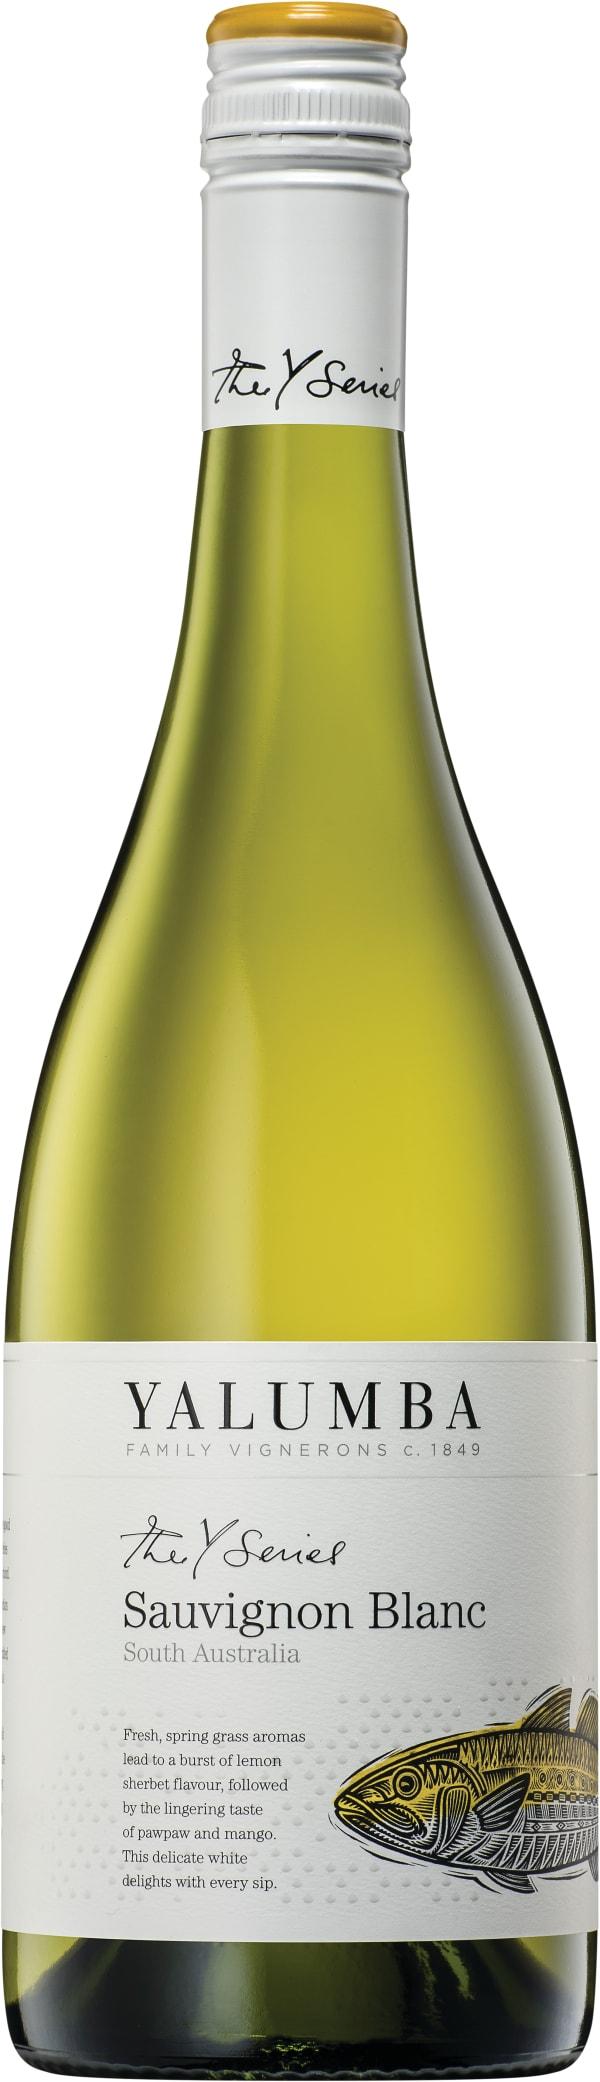 Yalumba Y Series Sauvignon Blanc 2017